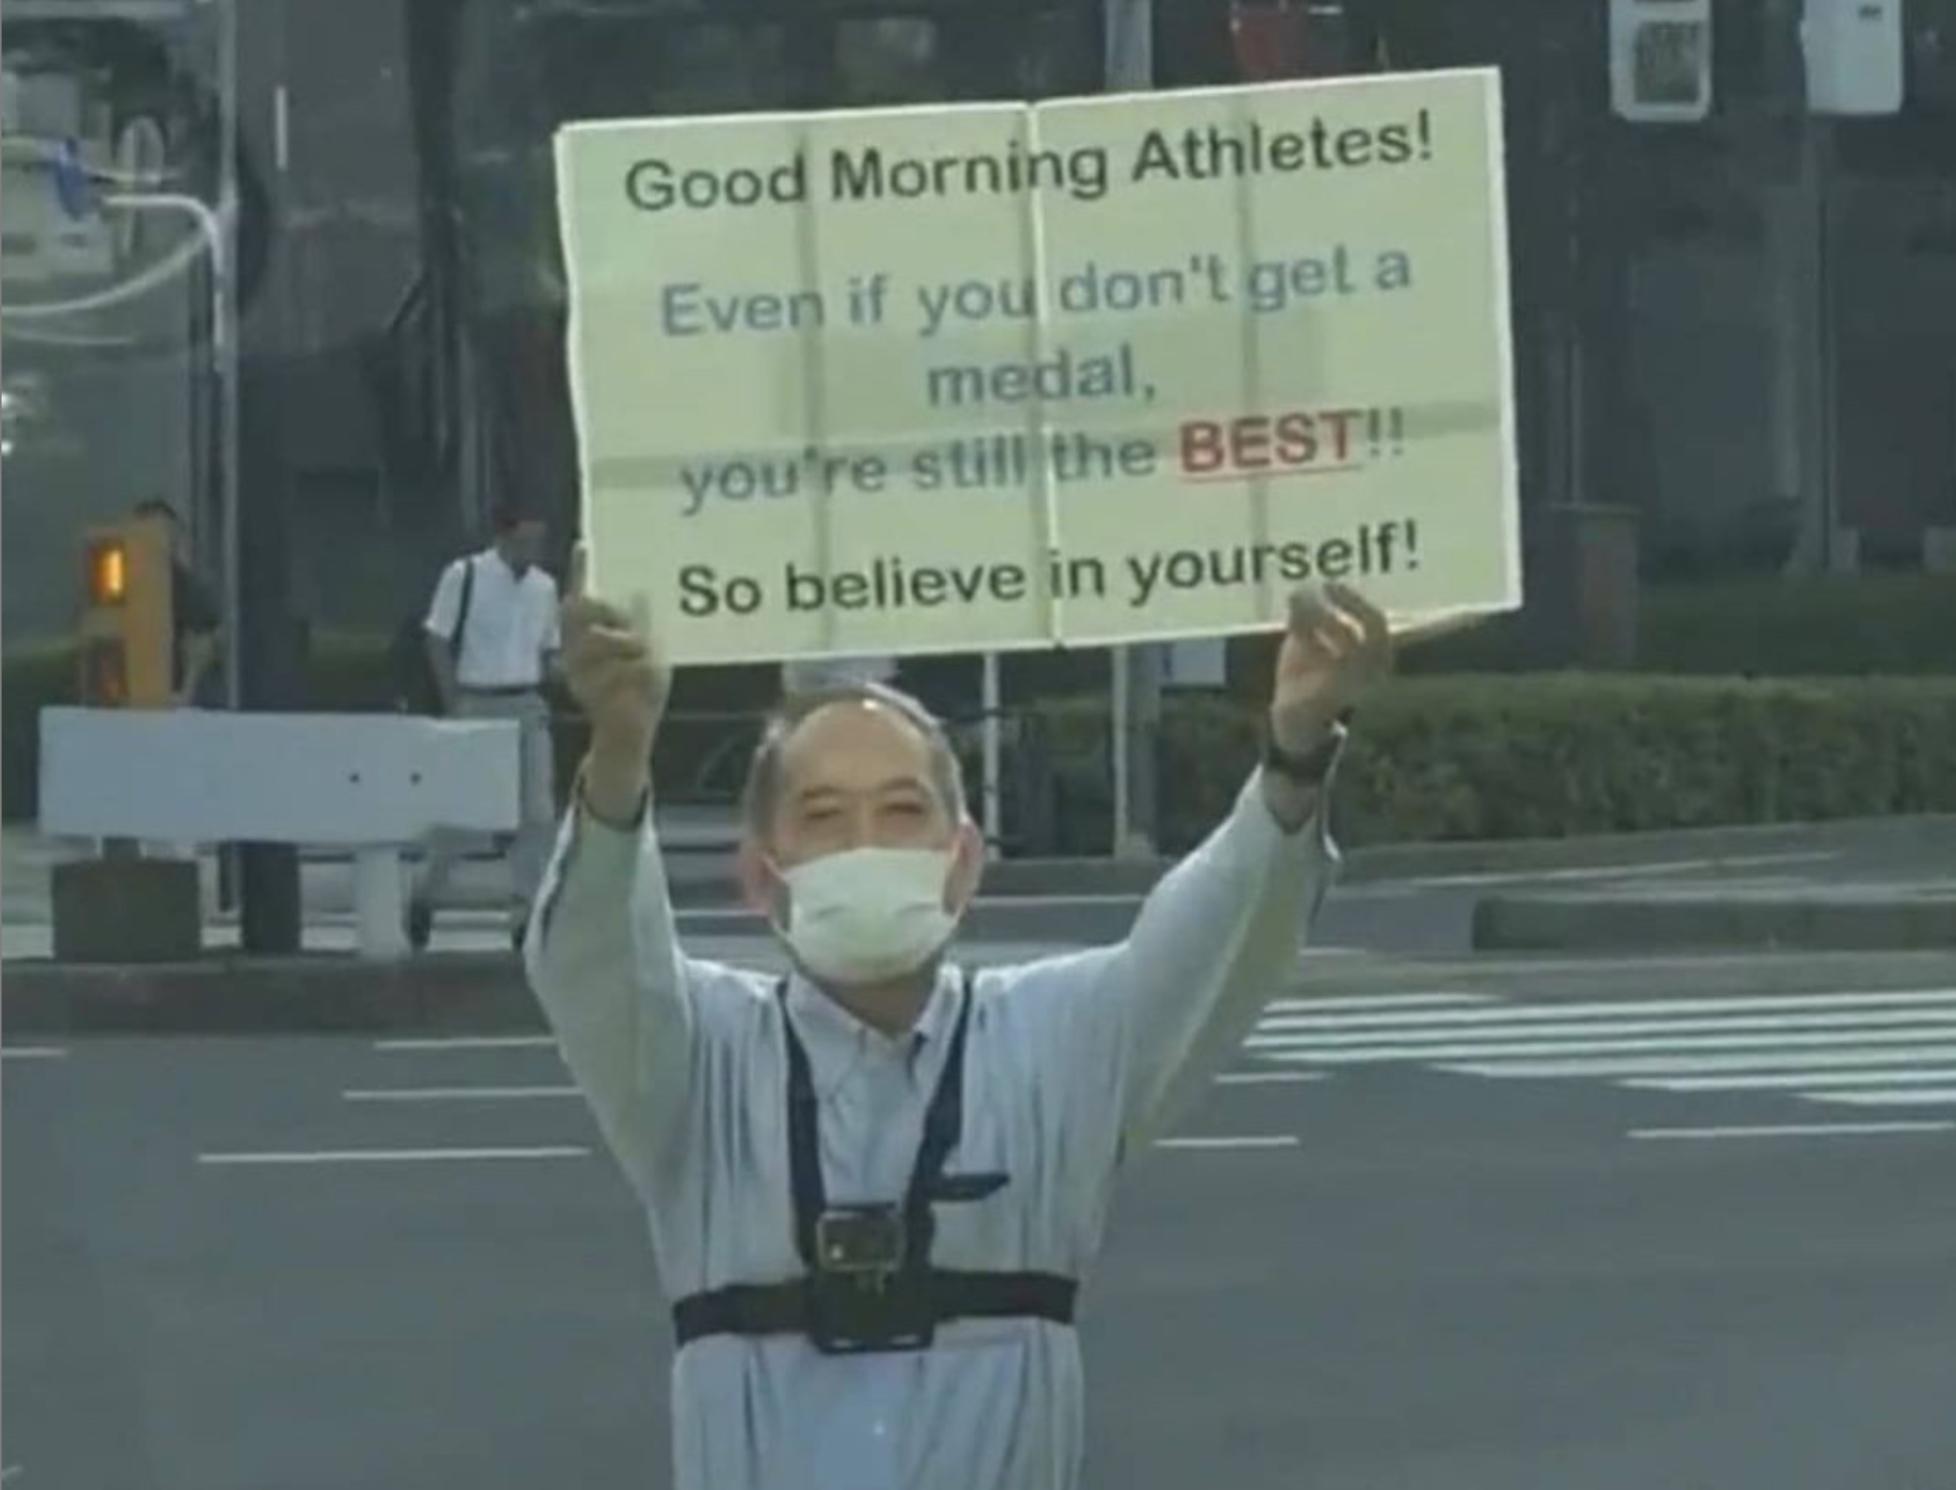 日本阿伯顶着大太阳在赛场外为运动员加油打气!-图摘自@thetokyochapter ig-